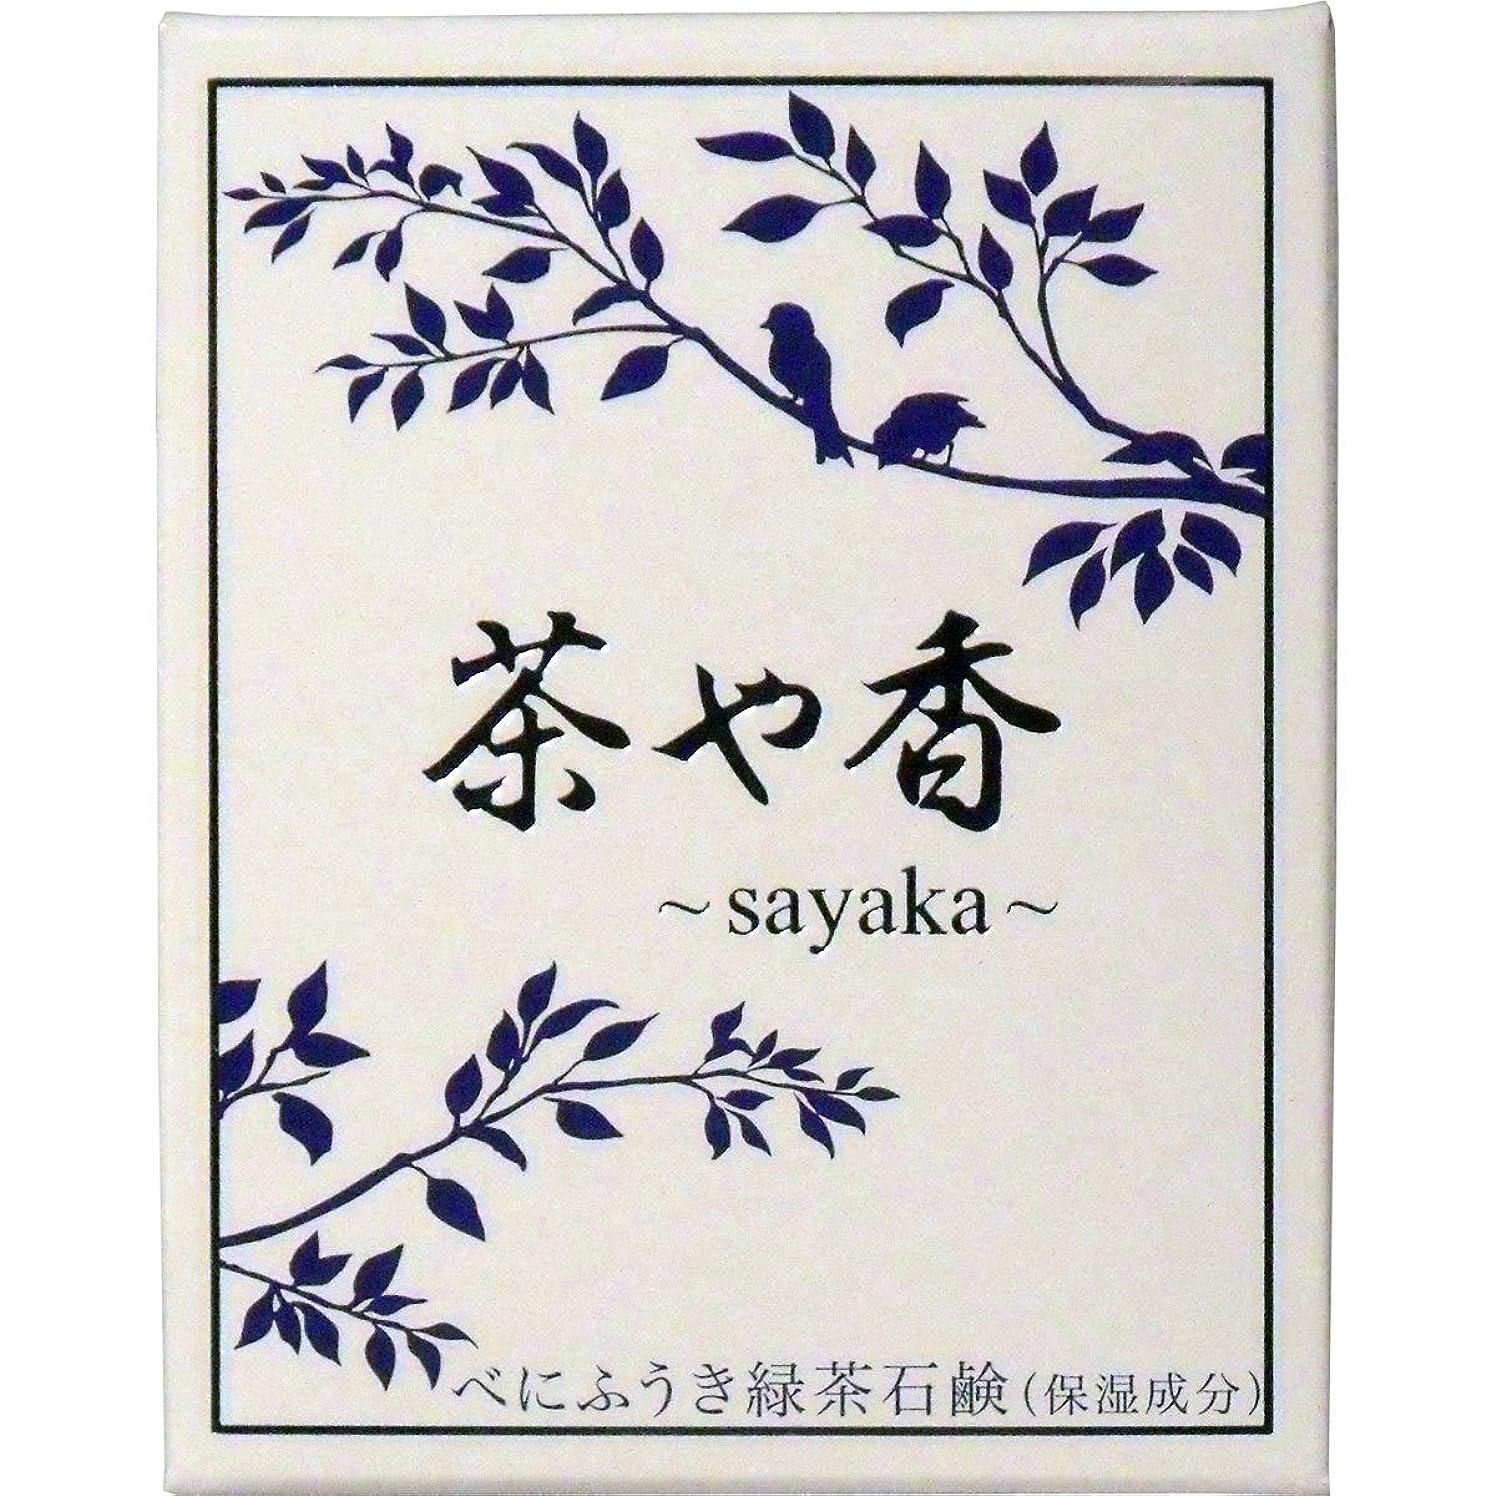 教授今戦術茶や香 -sayaka- べにふうき緑茶石鹸 100g入 ×8個セット